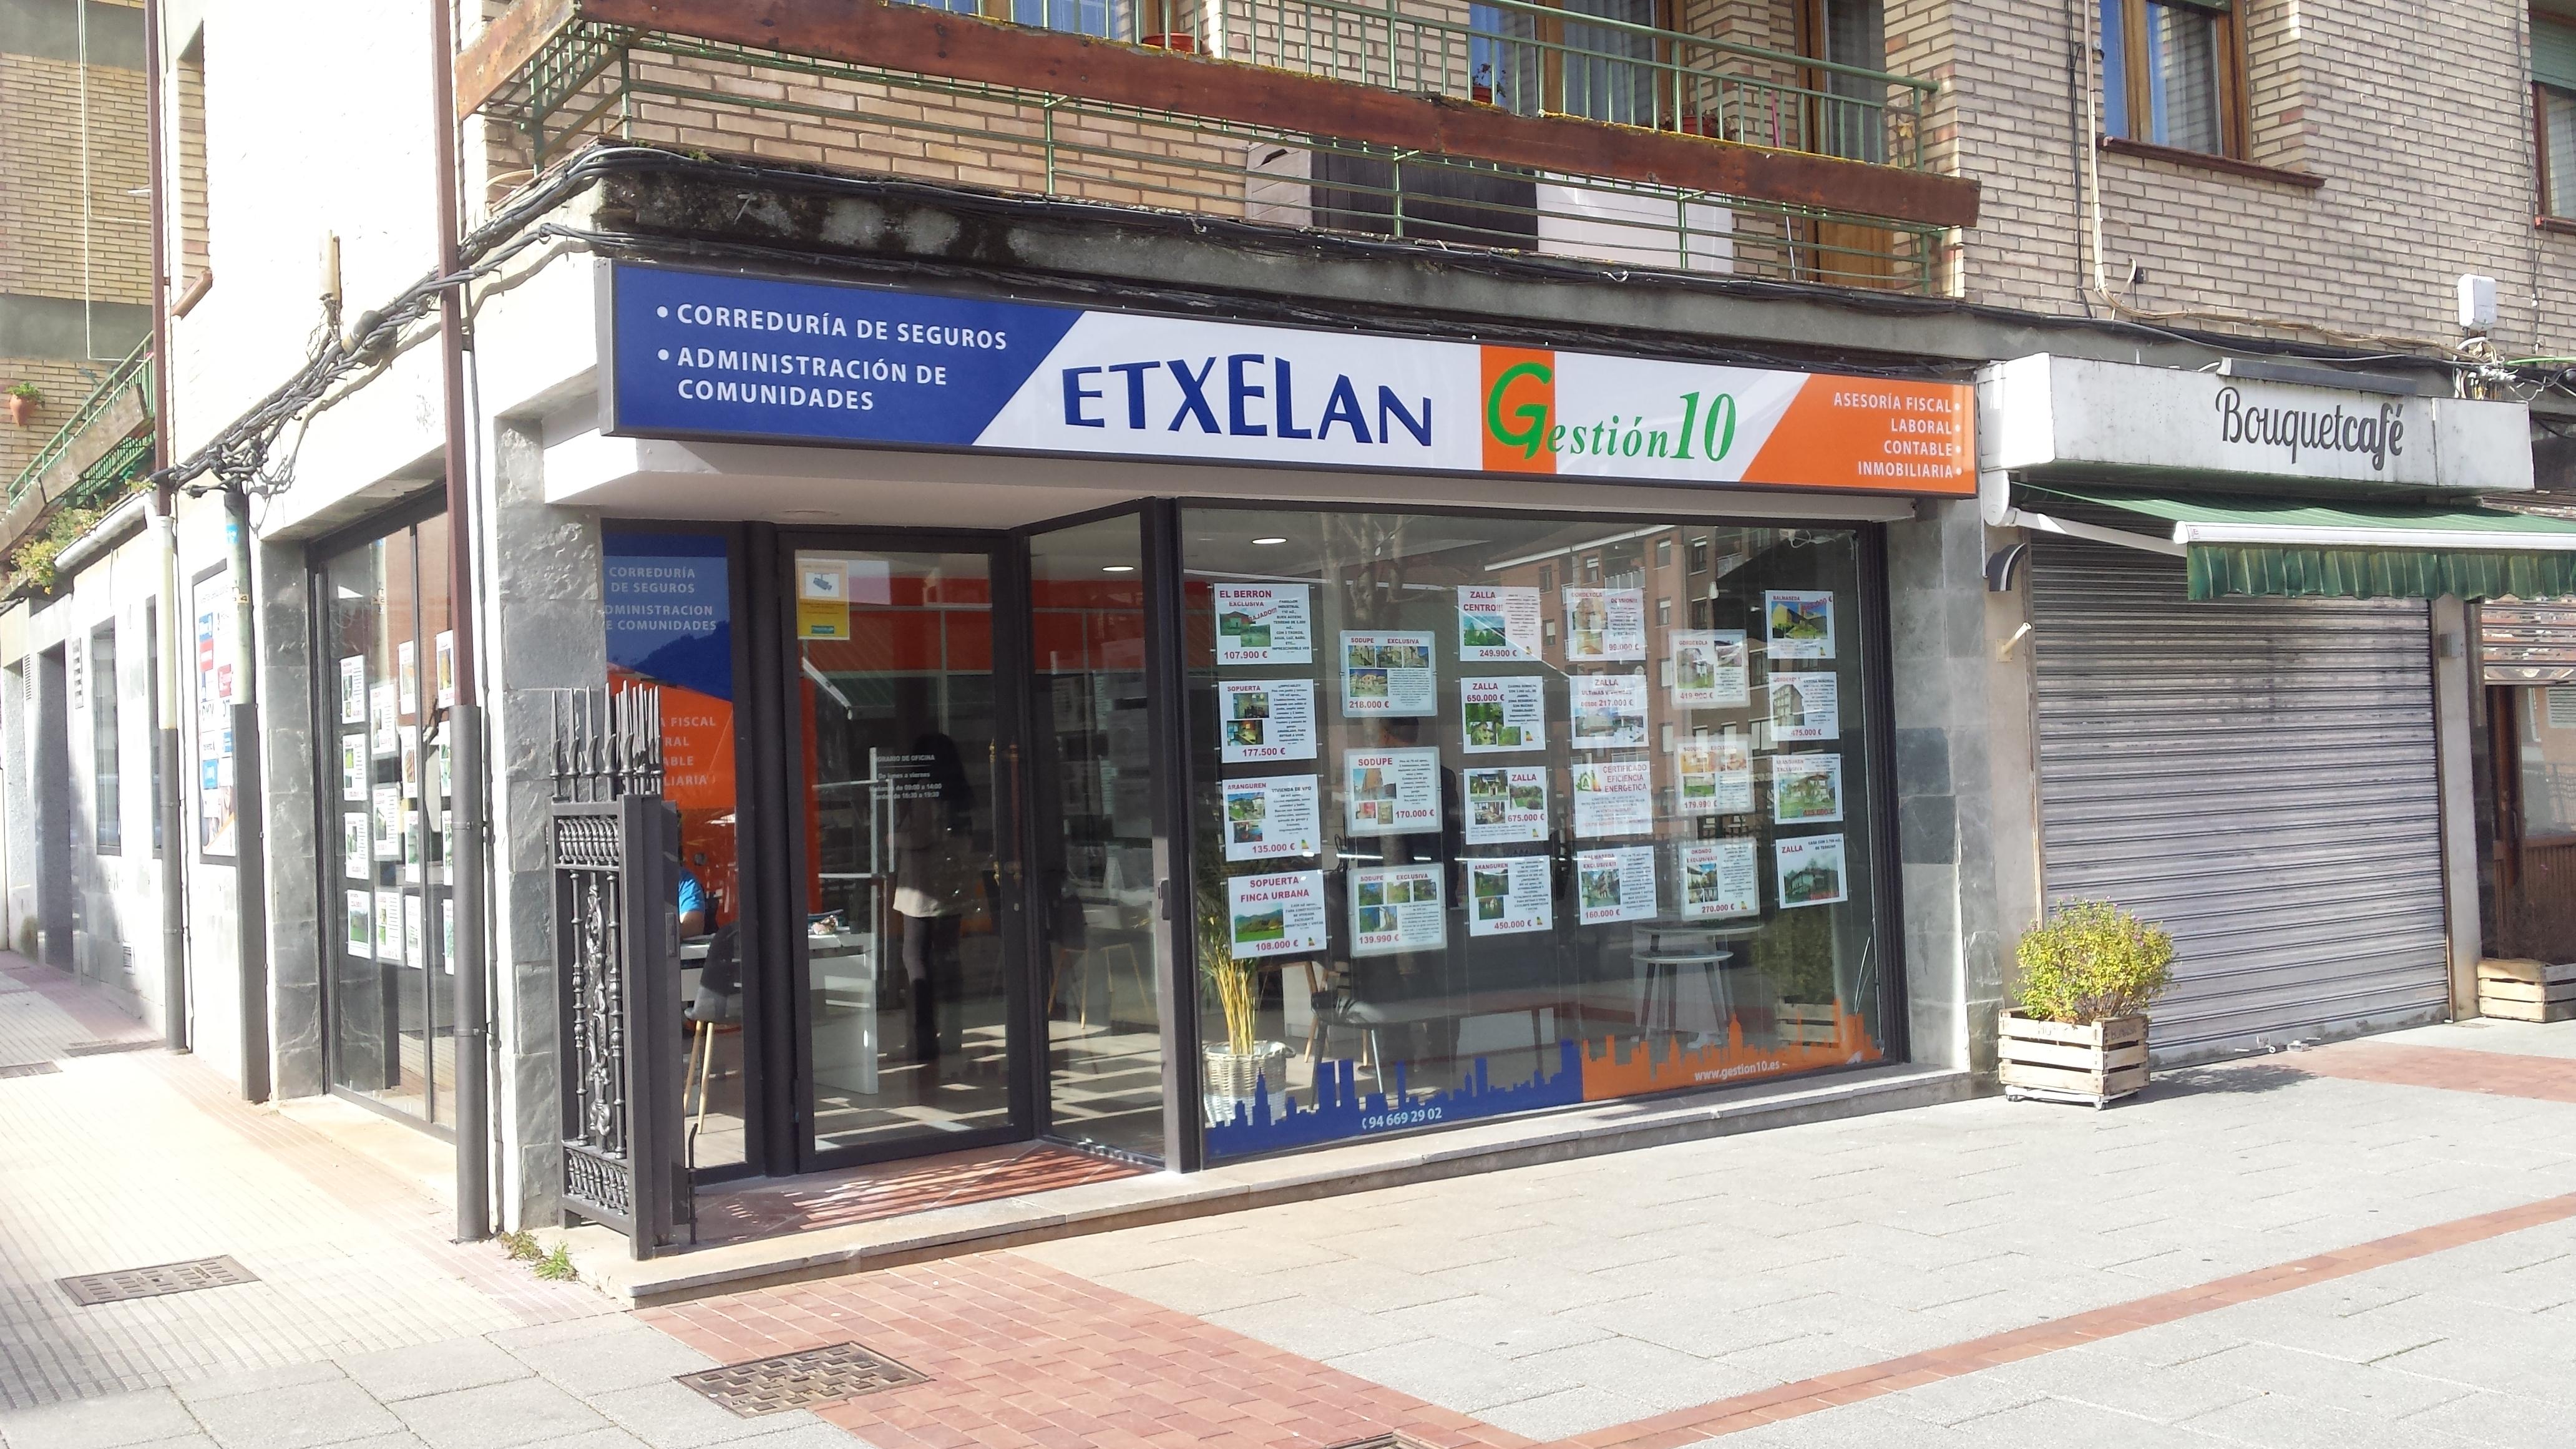 Gestión 10, la empresa de servicios inmobiliarios, asesoría, seguros y fincas, abre una nueva oficina en Sodupe (Güeñes)